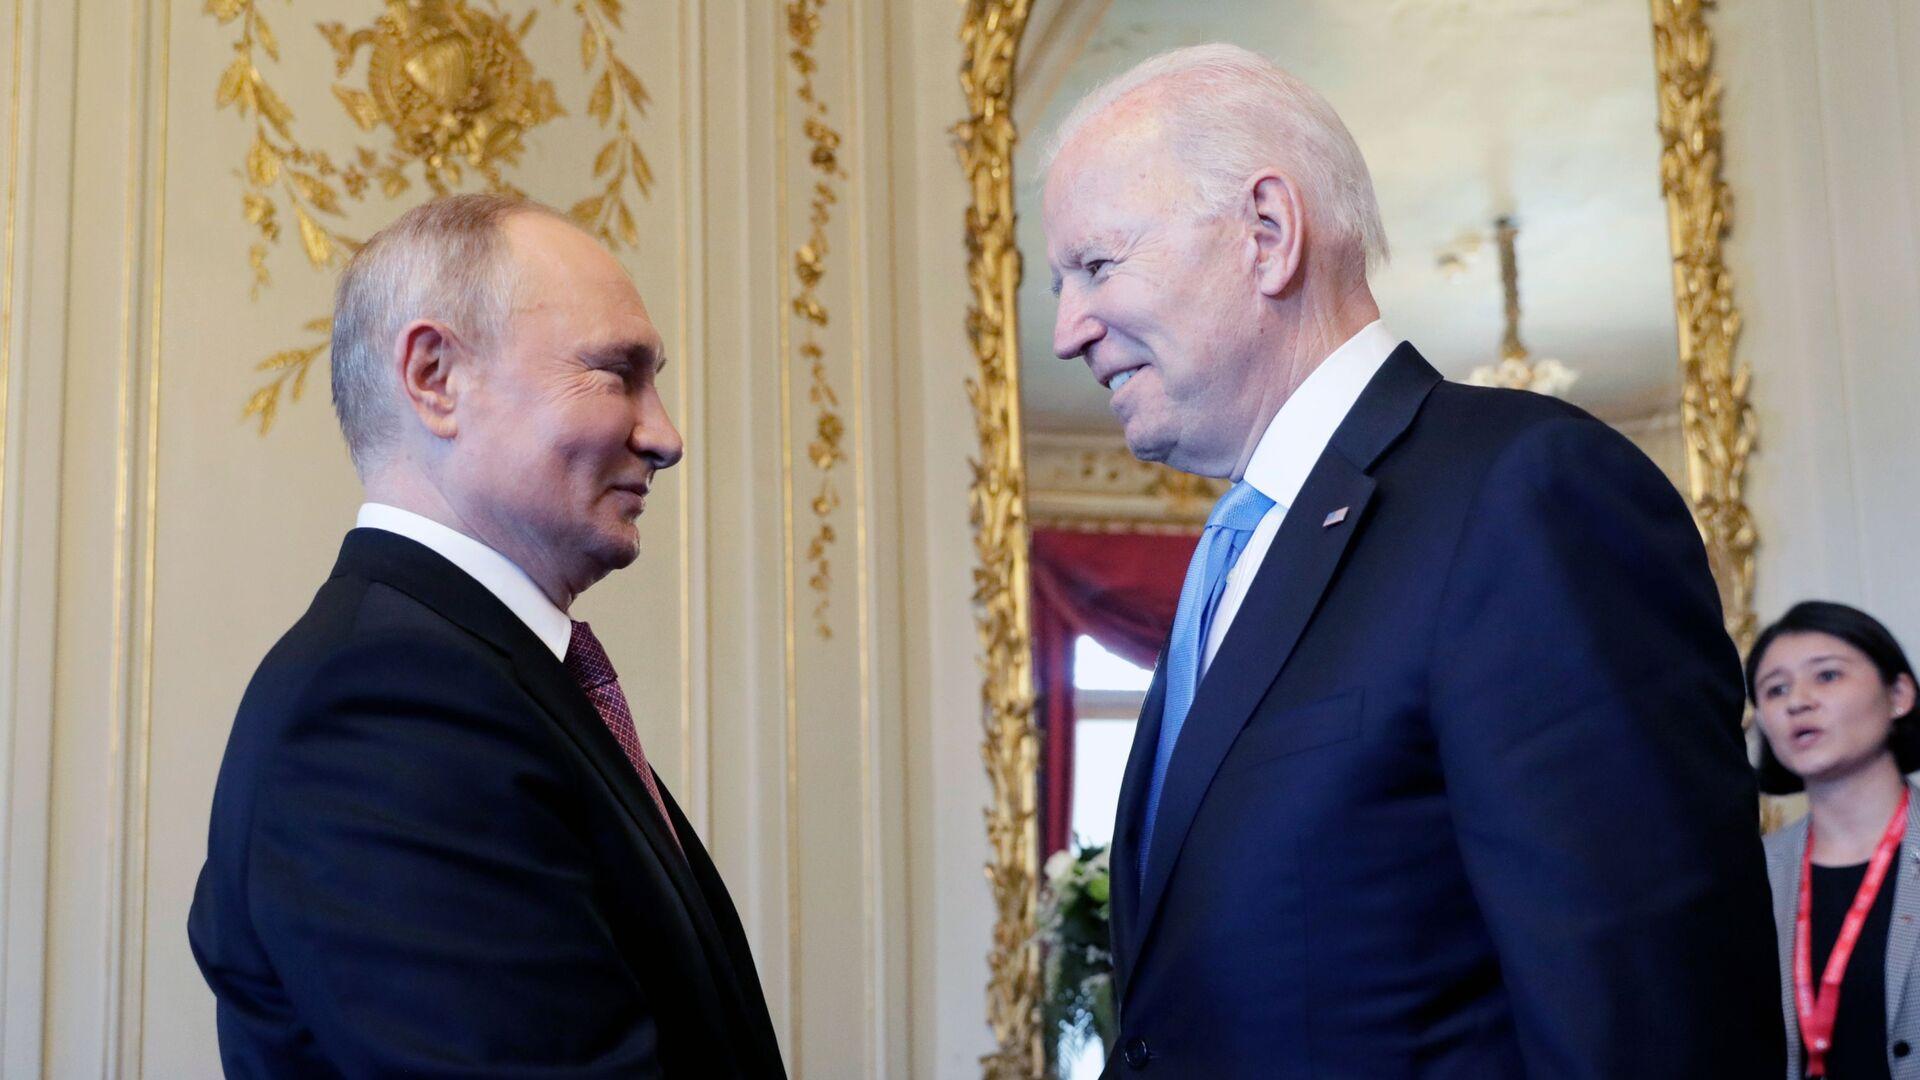 Władimir Putin i Joe Biden w Genewie przed rozpoczęciem szczytu USA-Rosja - Sputnik Polska, 1920, 29.06.2021